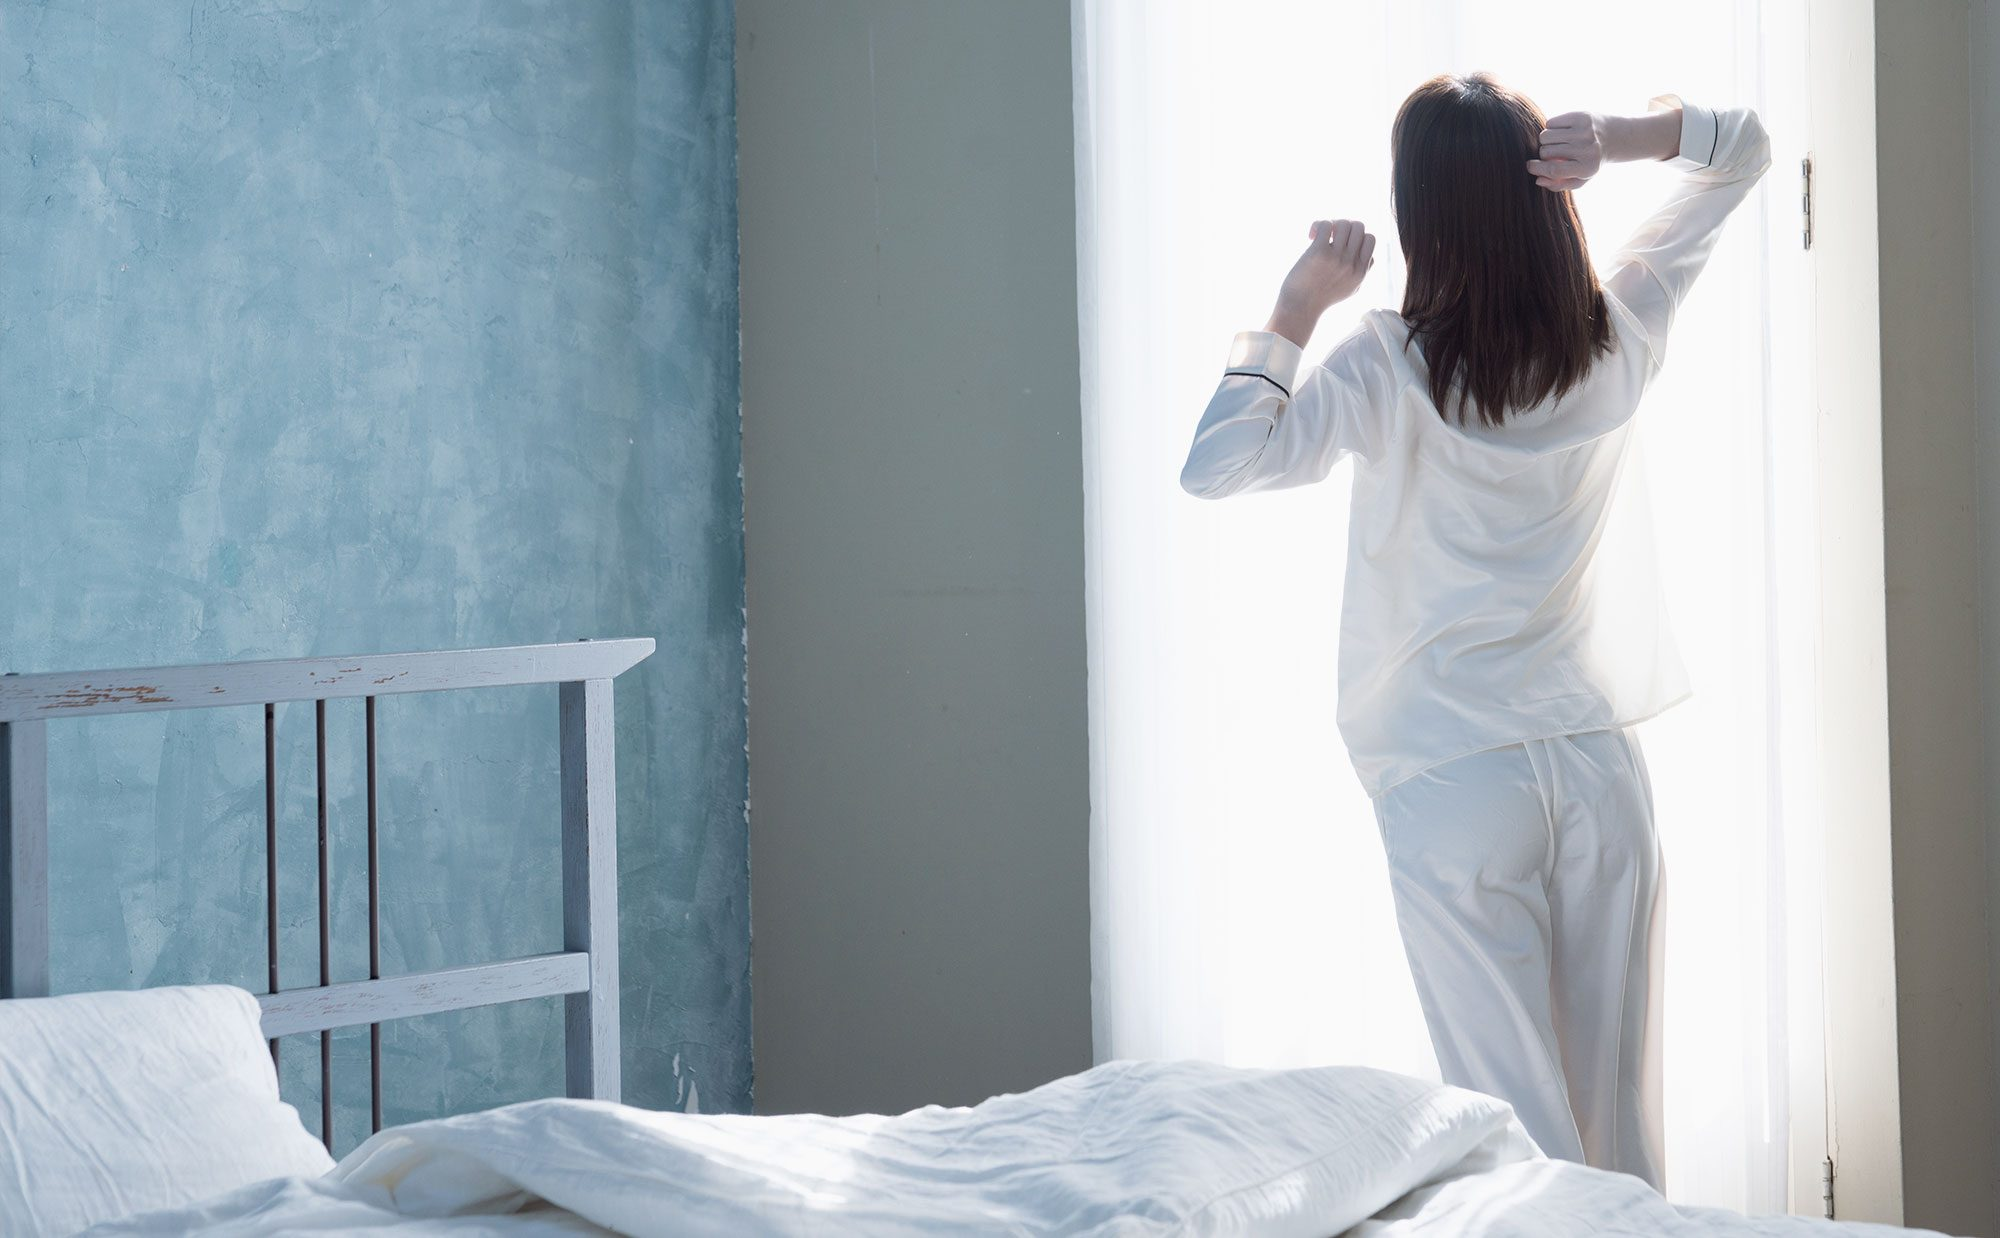 スッキリ目覚めるには朝日が大切。生活リズムと免疫機能を整えよう